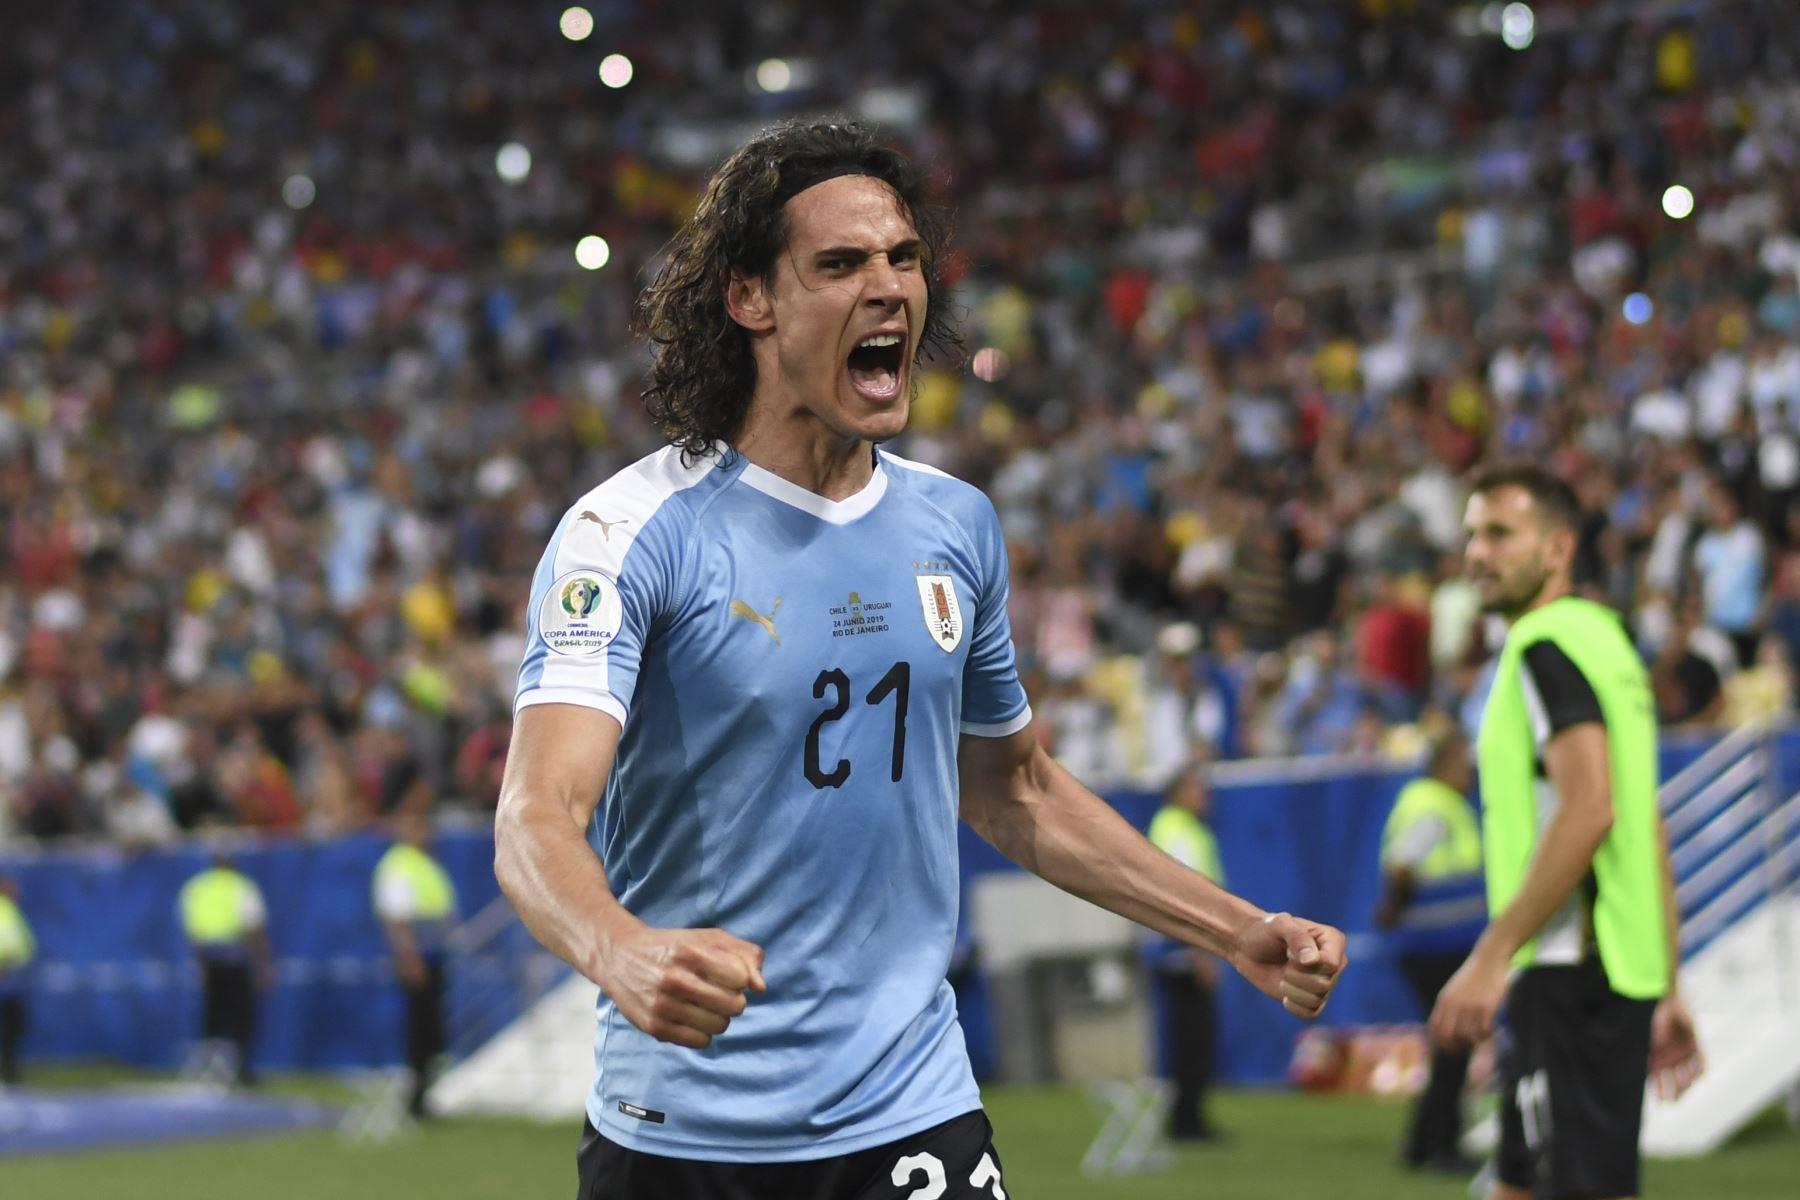 Edinson Cavani de Uruguay celebra después de anotar contra Chile durante su partido de torneo de fútbol de Copa América en el estadio Maracana en Río de Janeiro, Brasil. Foto:AFP